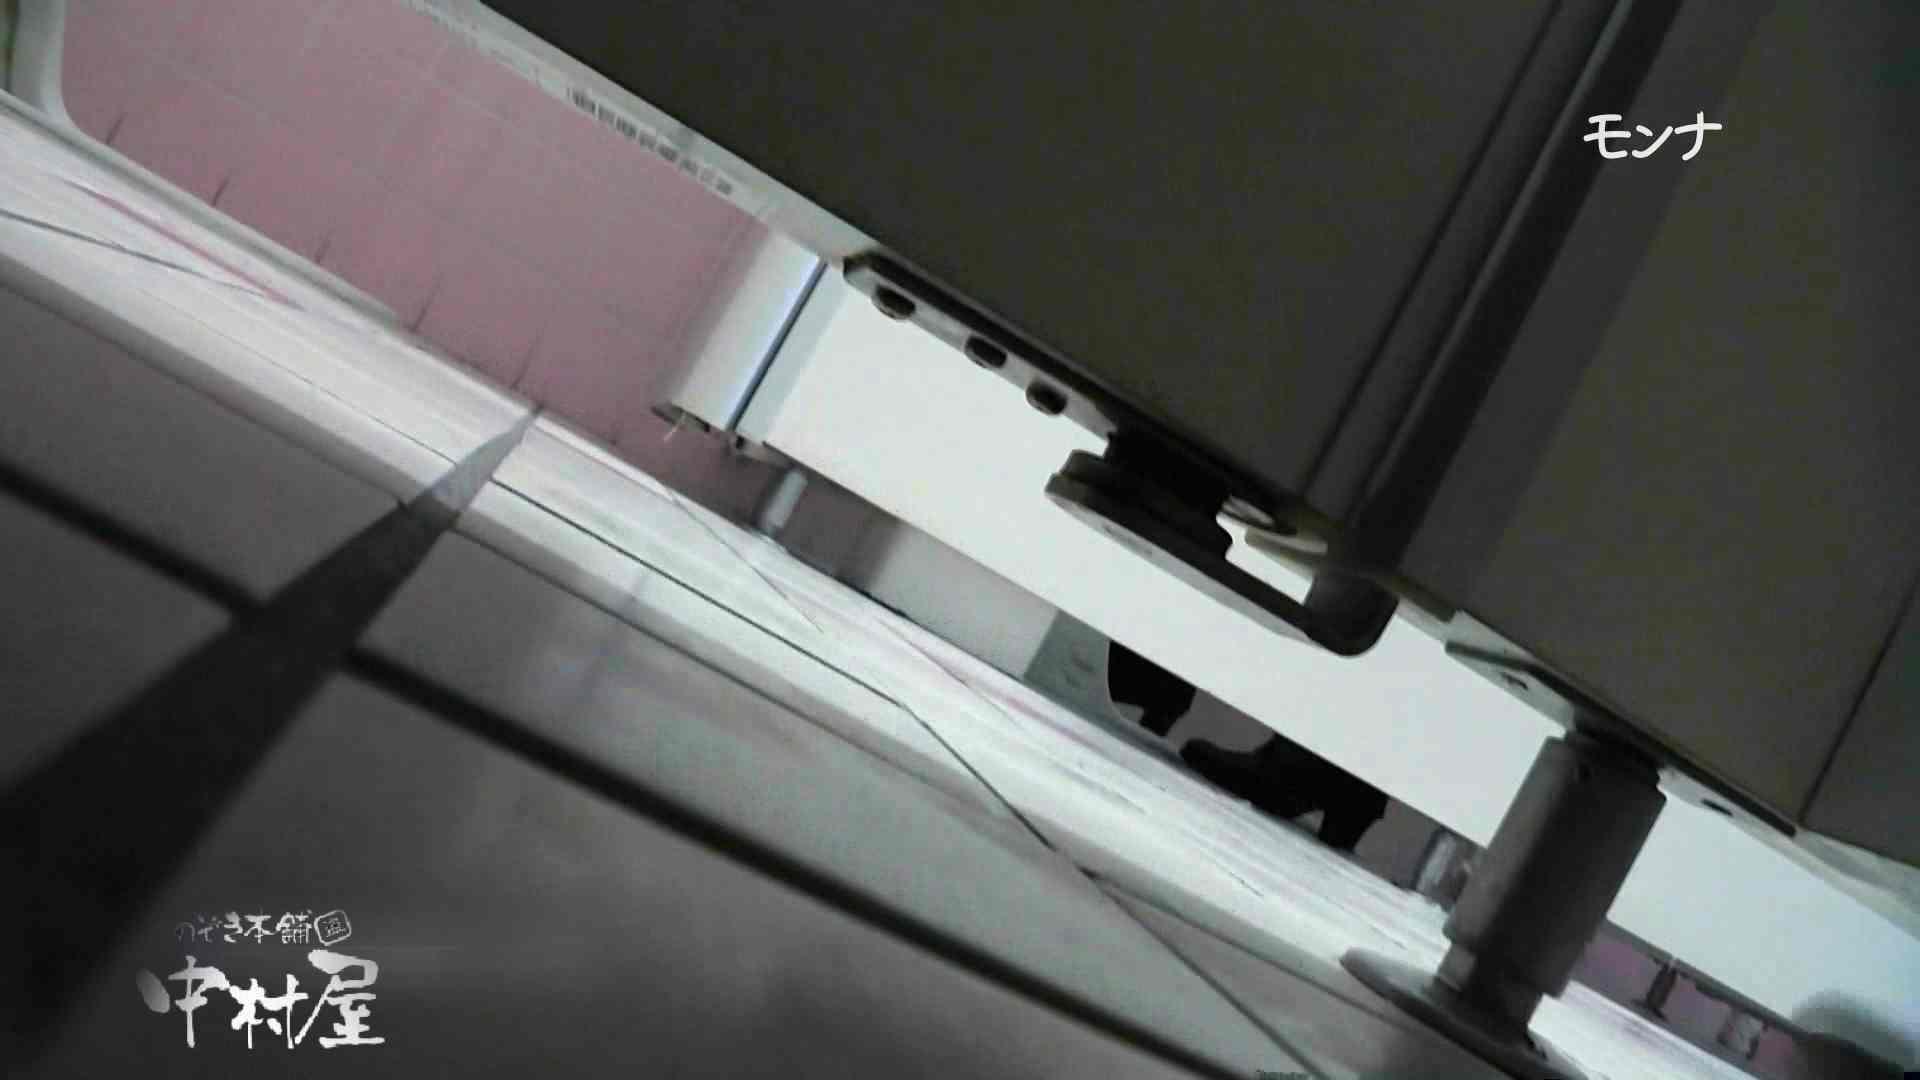 【美しい日本の未来】遂に!!戸田恵梨香似の予告モデル登場ダッシュで「大」後編 モデルのカラダ   0  12pic 9